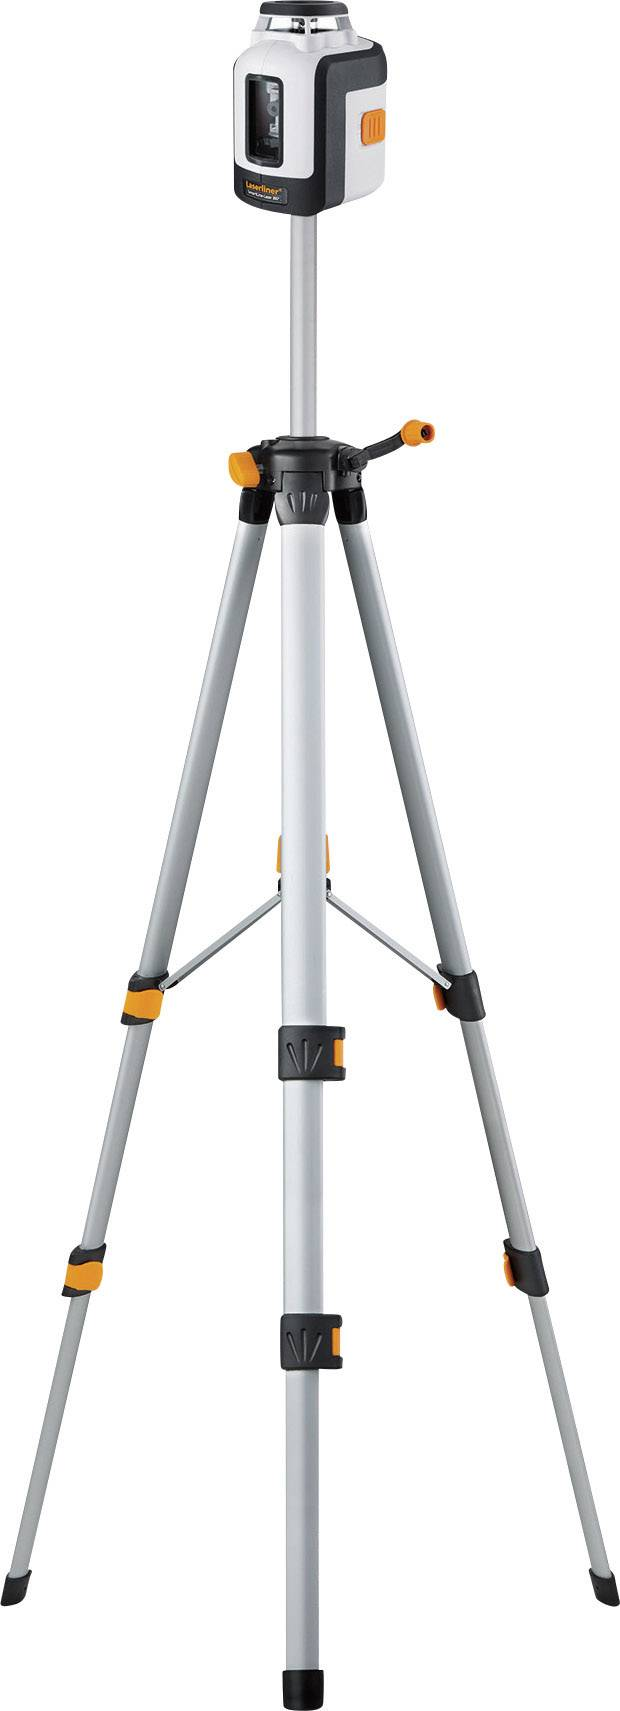 Křížový laser samonivelační, vč. stativu Laserliner SmartLine-Laser 360° Bonus Set, dosah (max.): 20 m, Kalibrováno dle: bez certifikátu